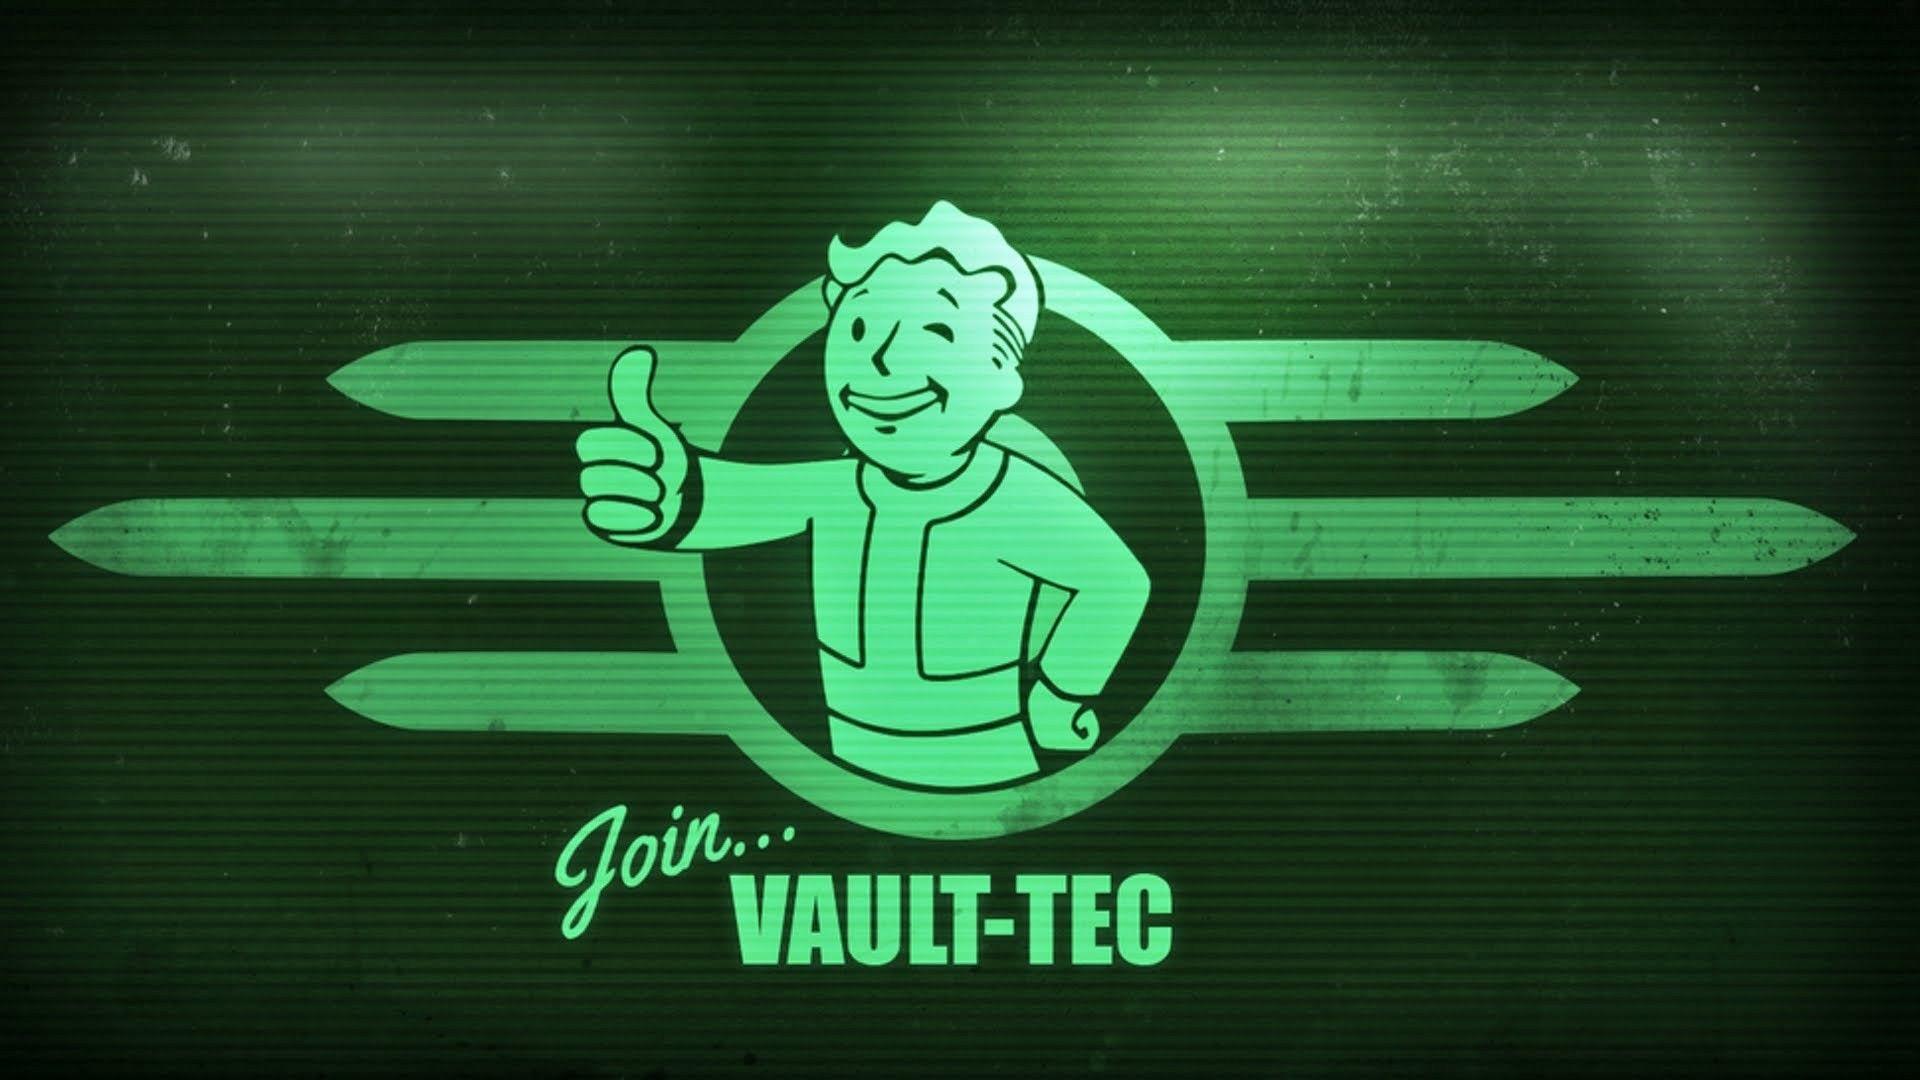 Vault Boy Wallpaper 1920x1080 Meizu Fallout Wallpaper Boys Wallpaper Fallout 4 Vault Boy